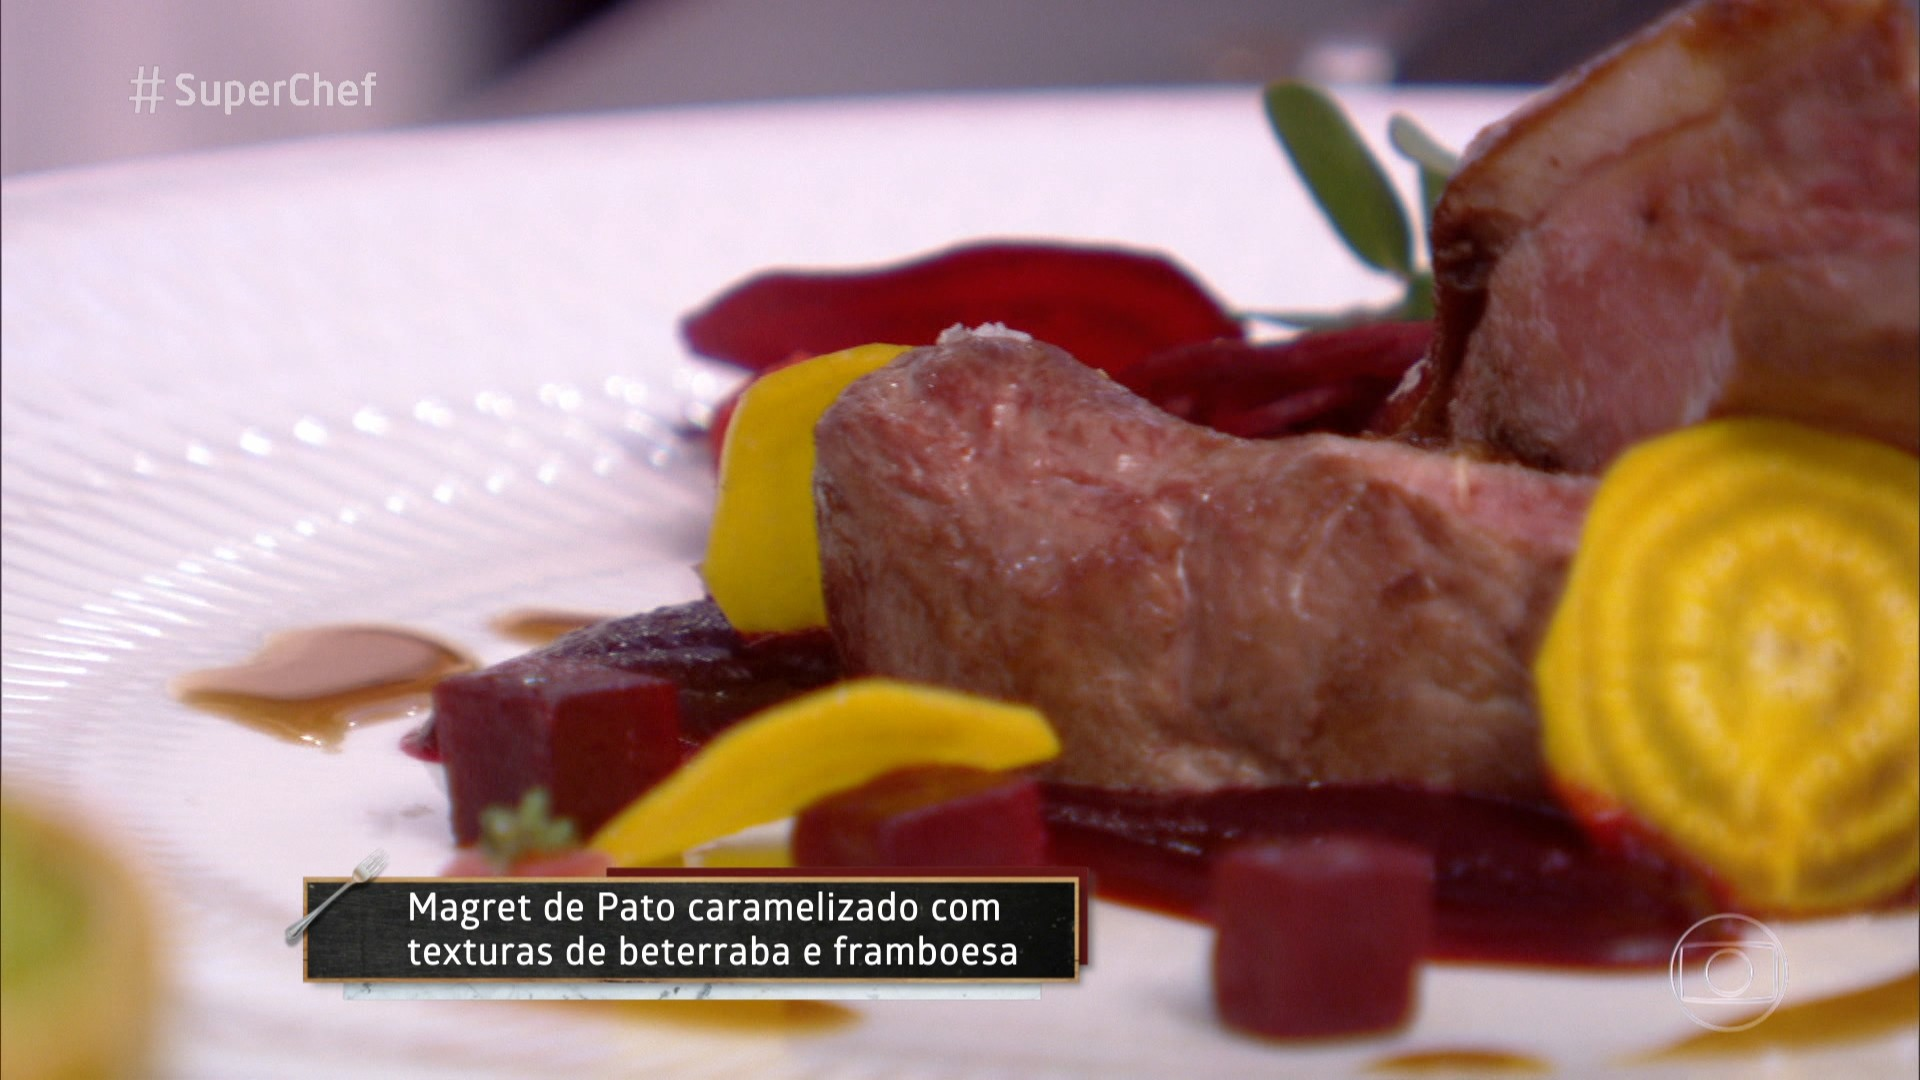 Magret de pato caramelizado do chef Joachim Koerper